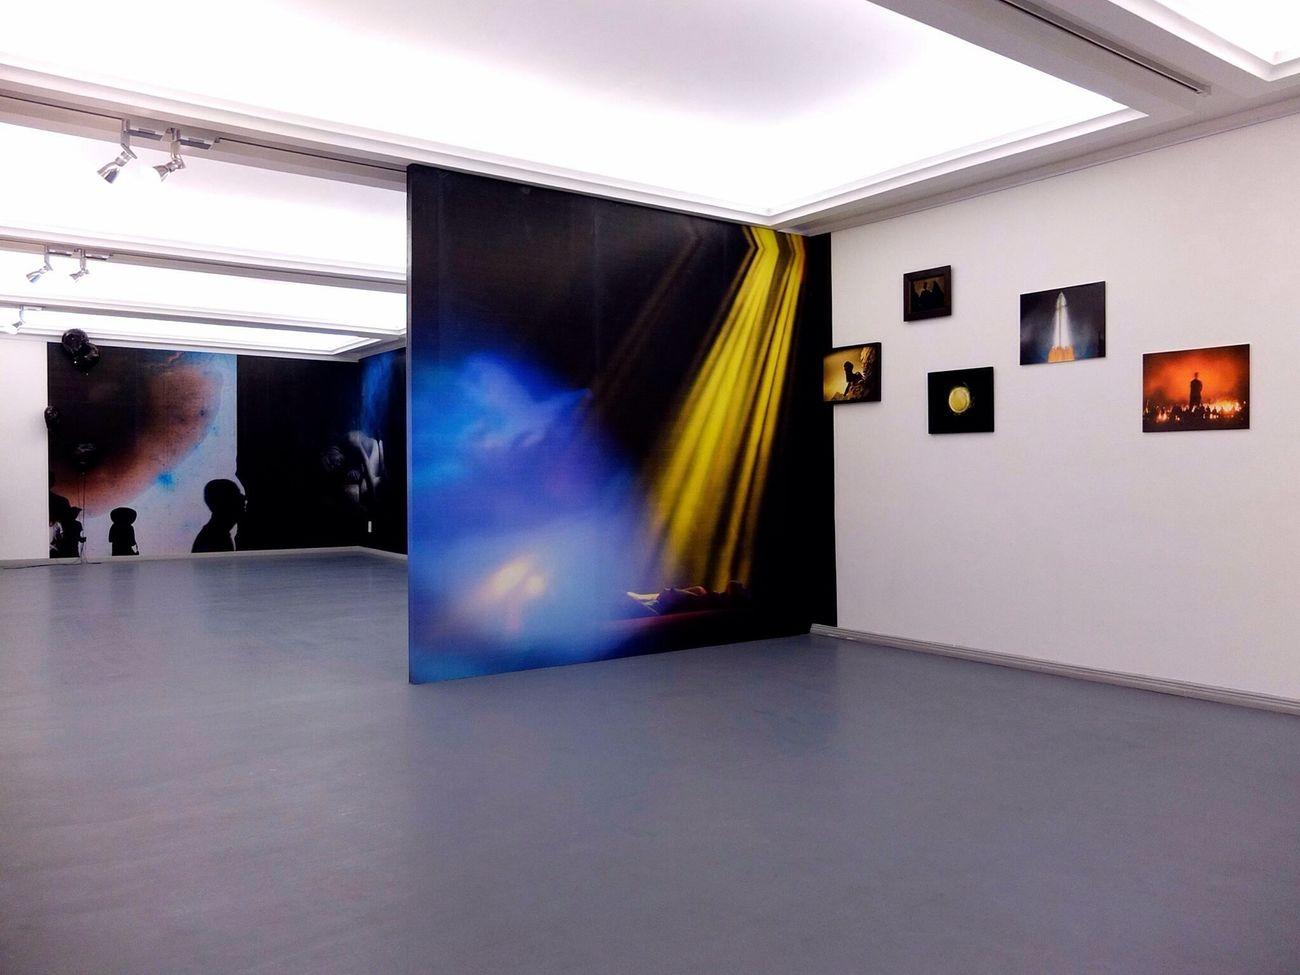 www.photowerkberlin.com/projektraum